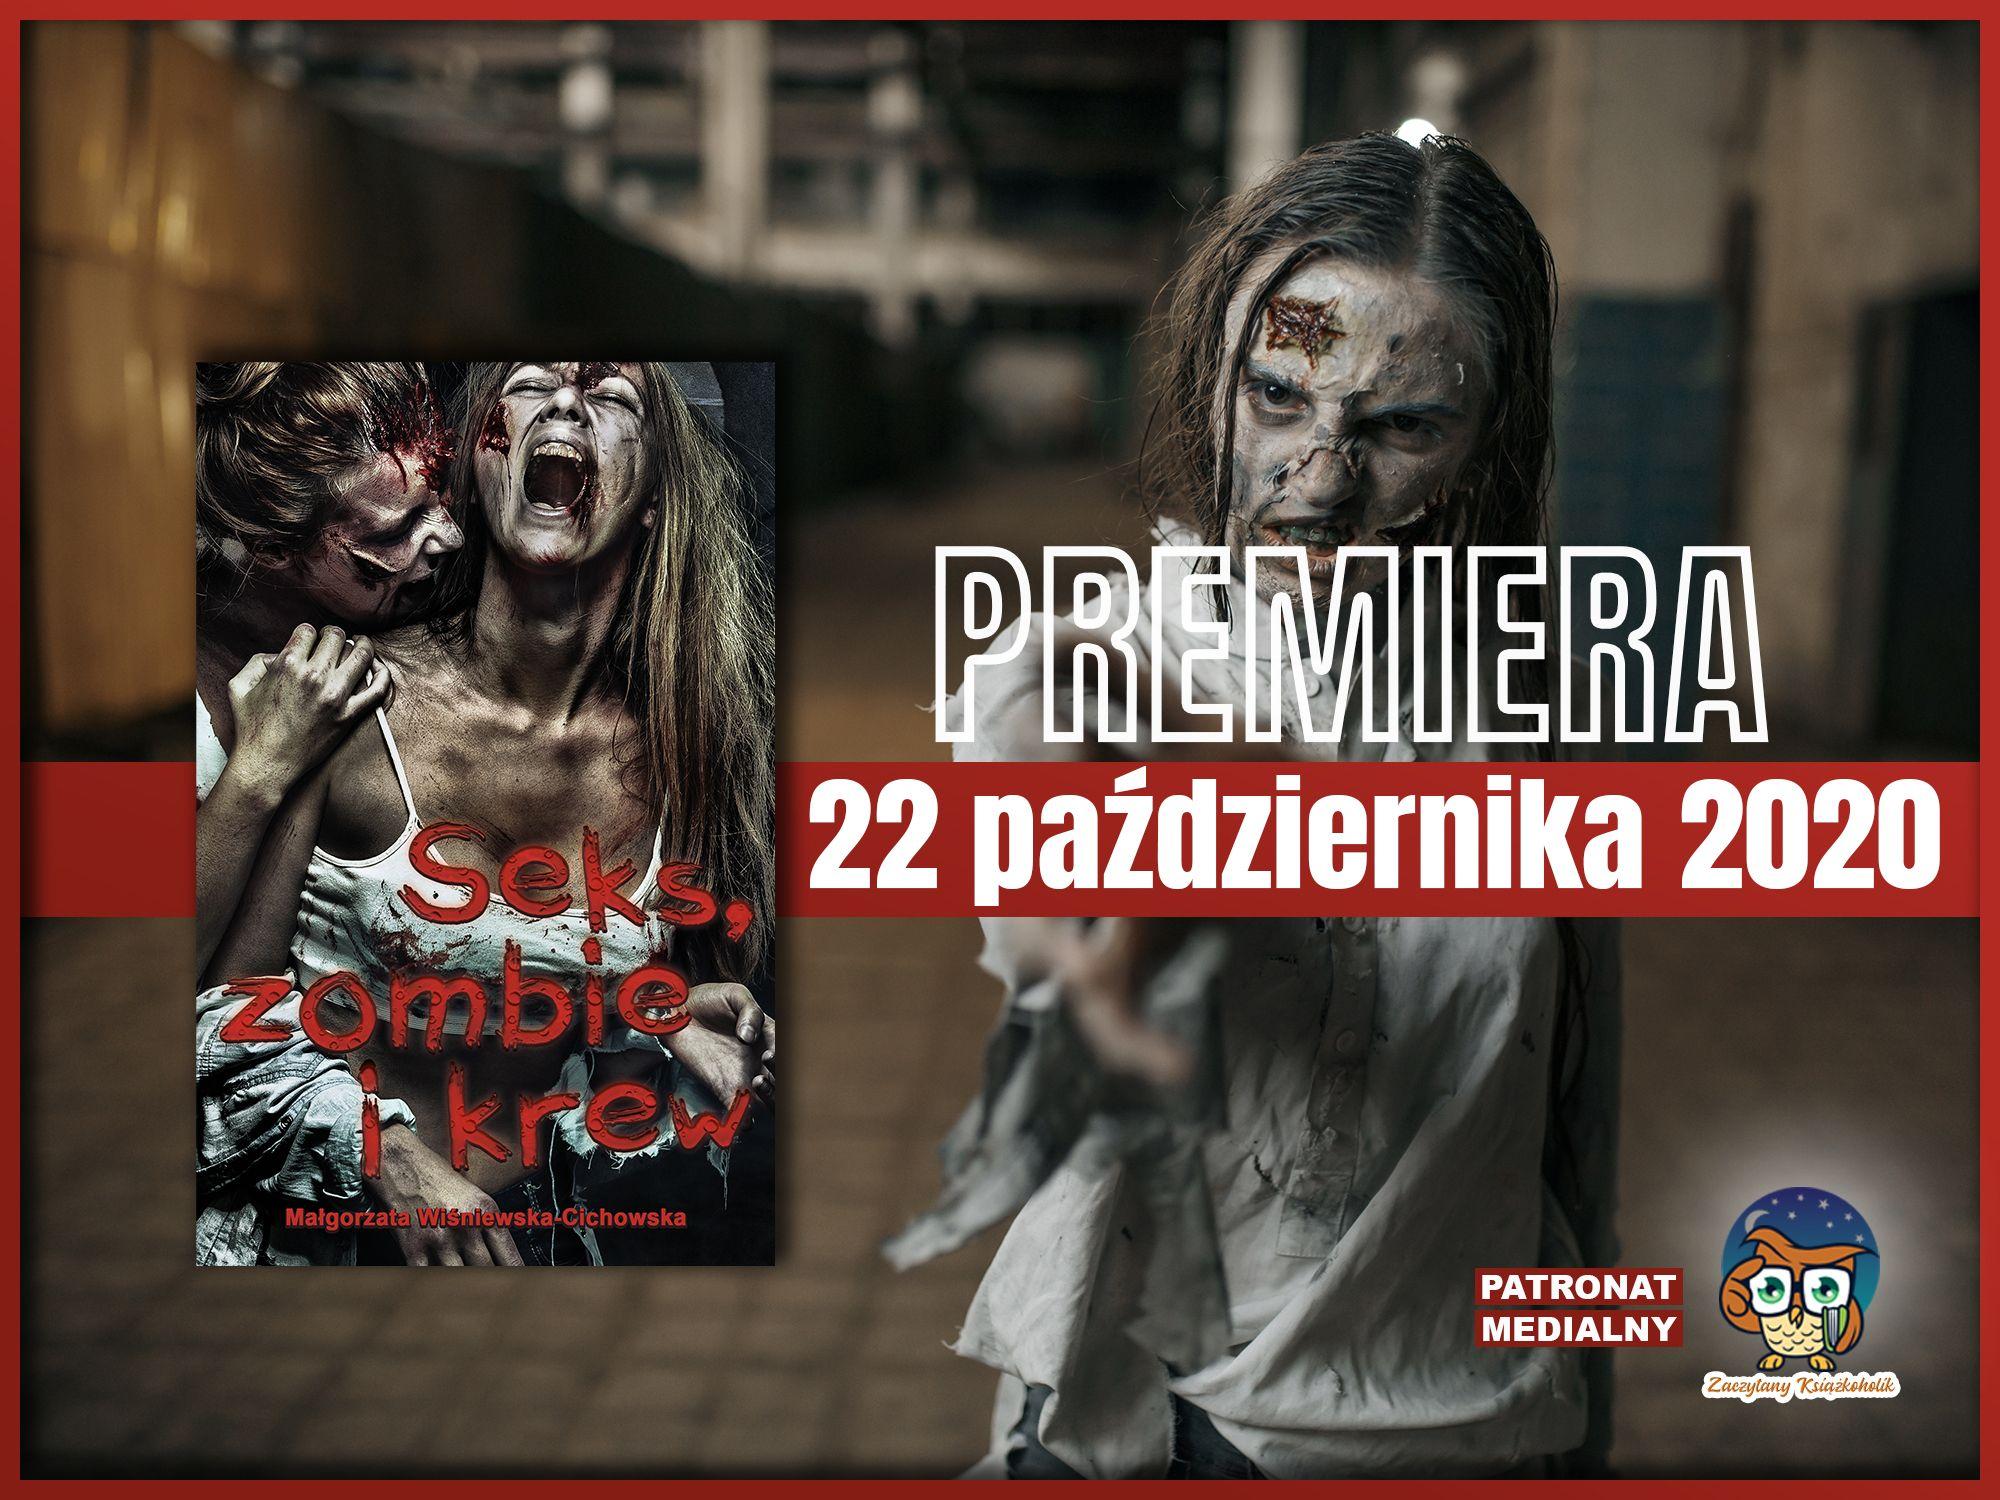 Seks, zombie i krew, Małgorzata Wiśniewska-Cichowska zaczytanyksiazkoholik.pl